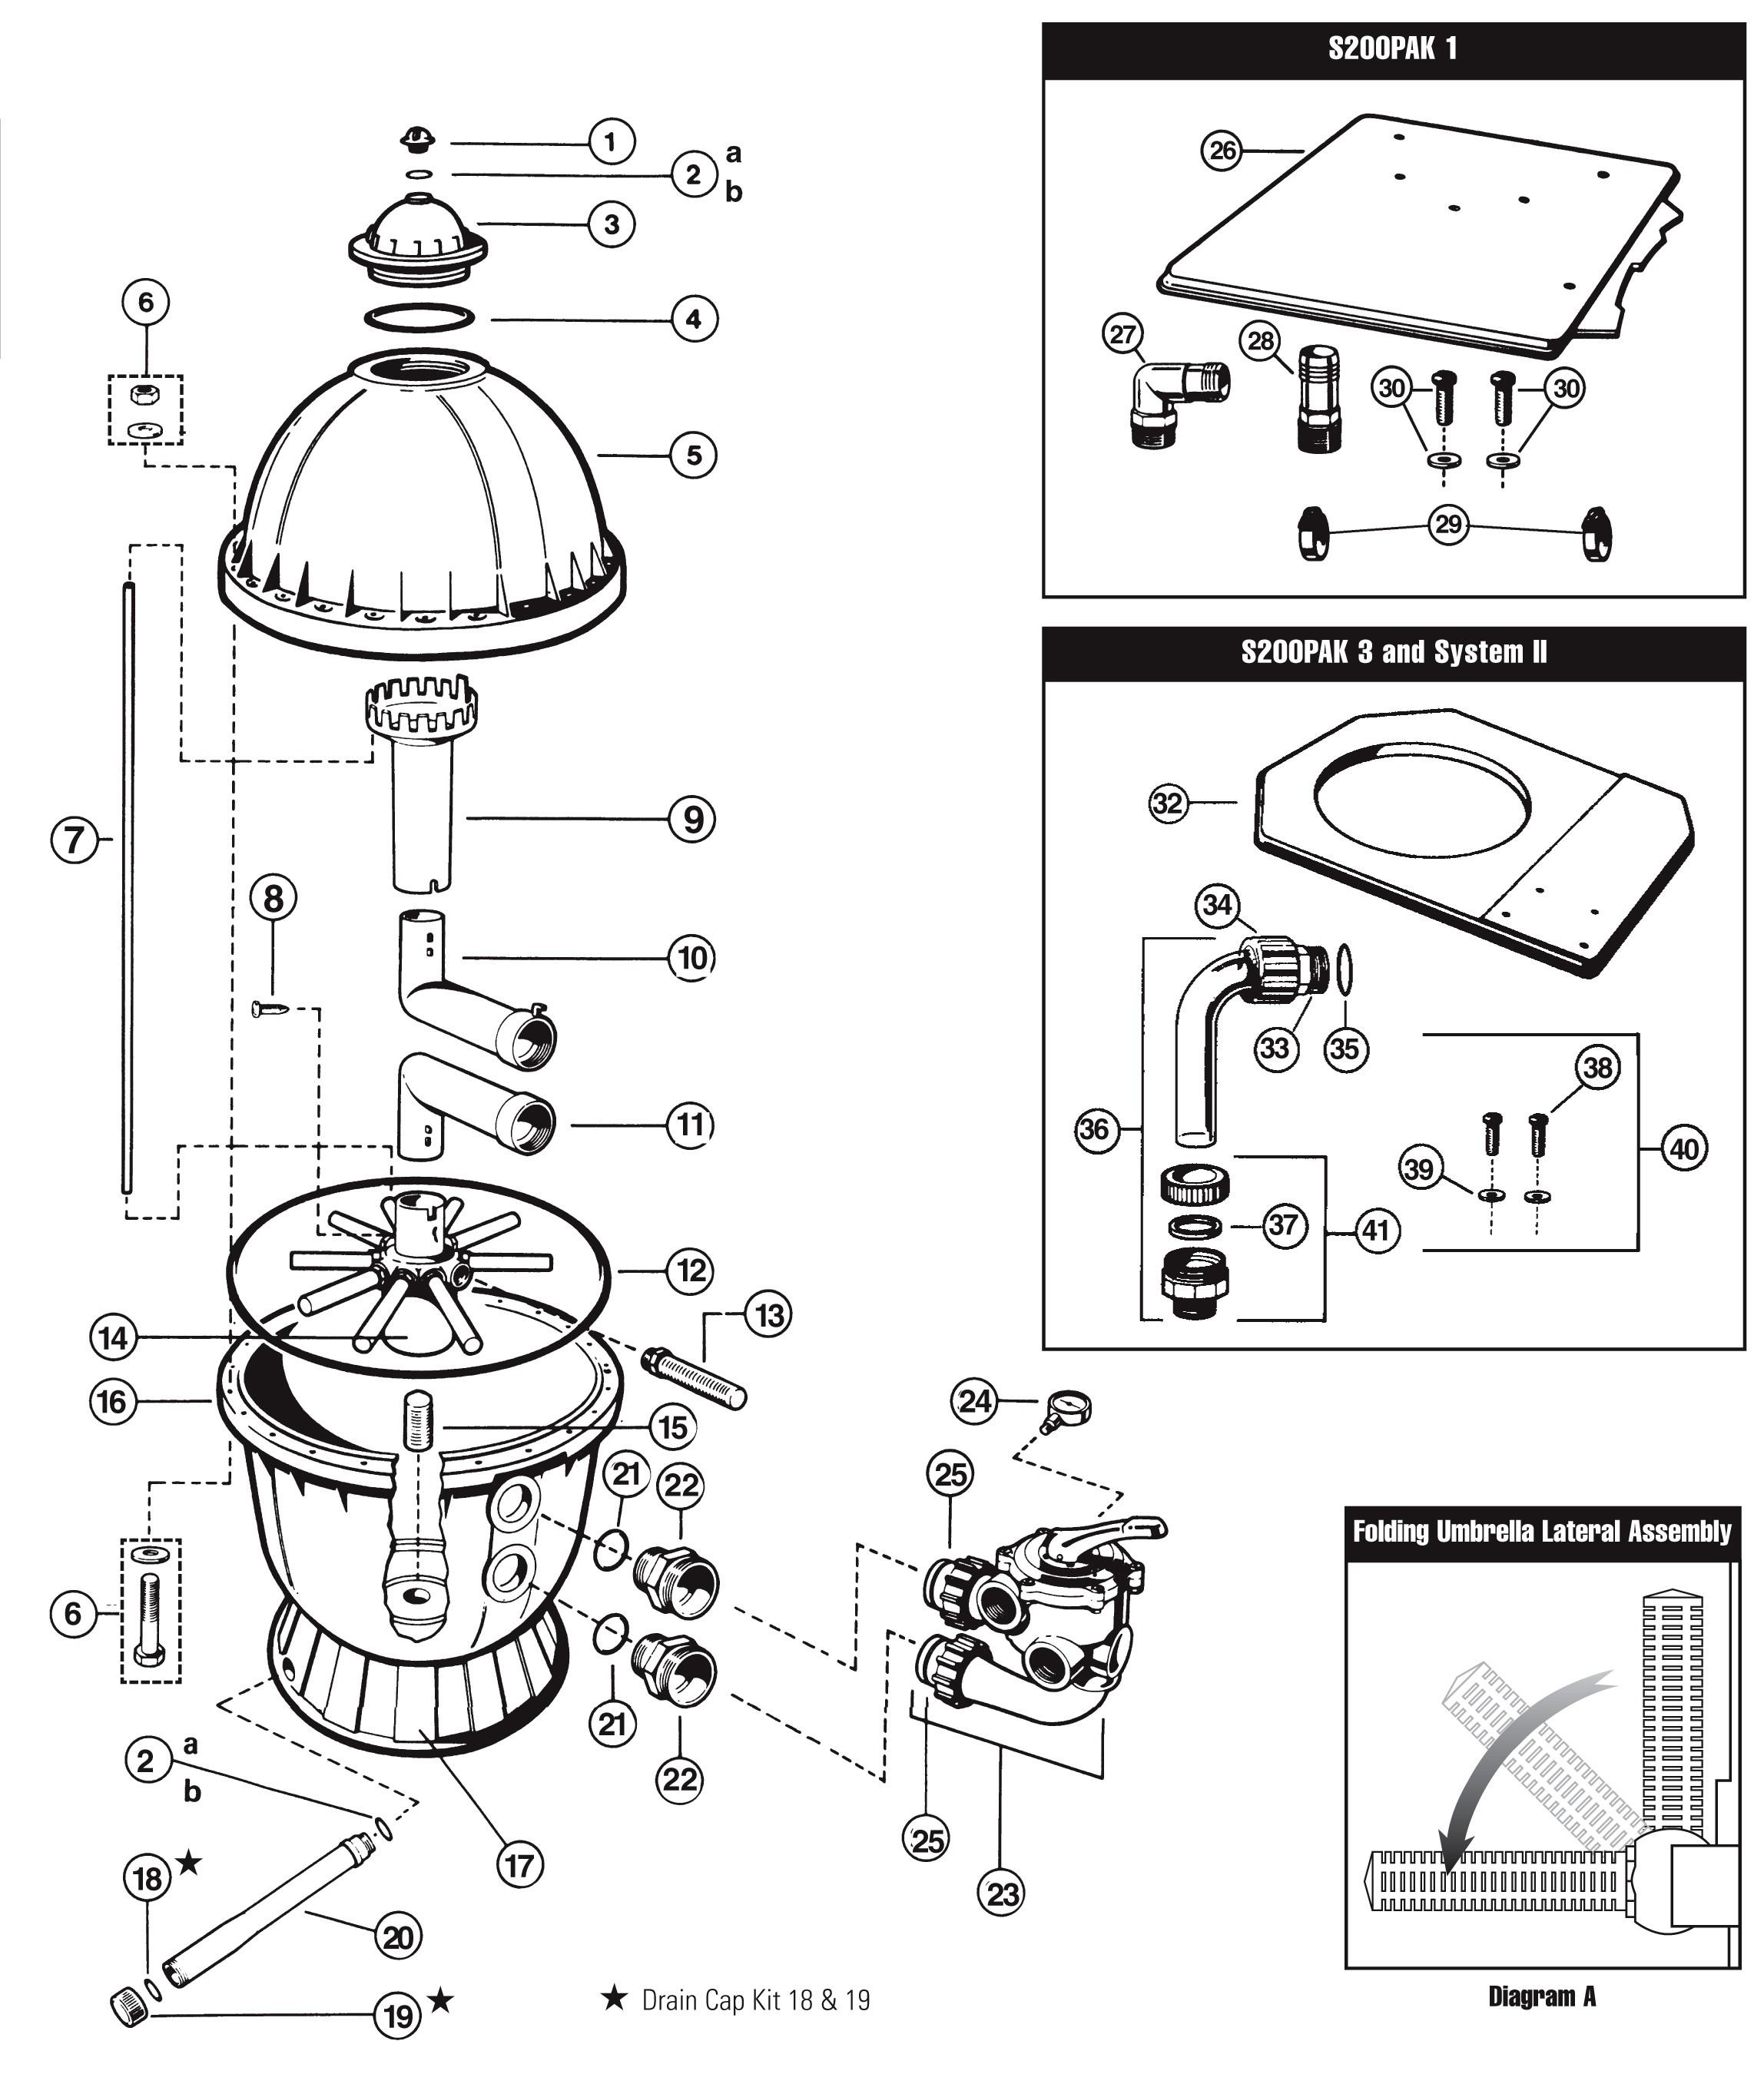 hayward navigator parts diagram 2001 saab 9 5 wiring